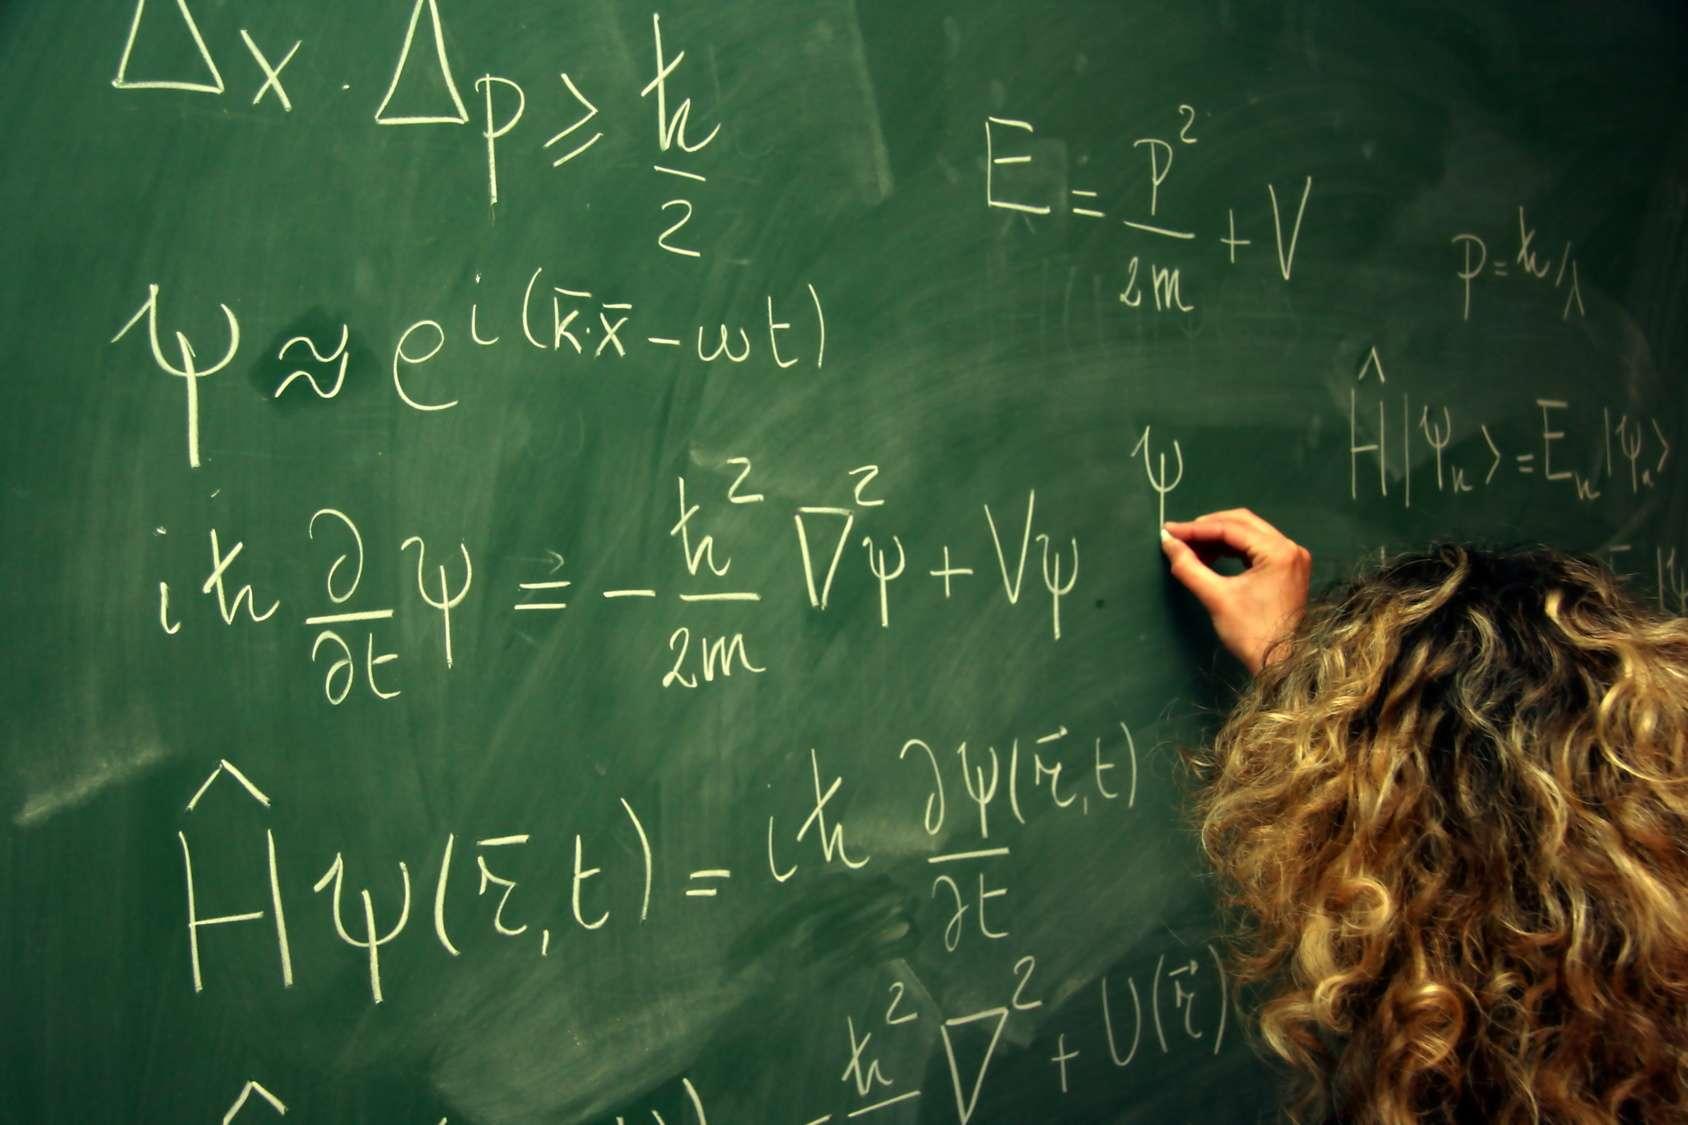 Des équations quantiques. © CT, Fotolia